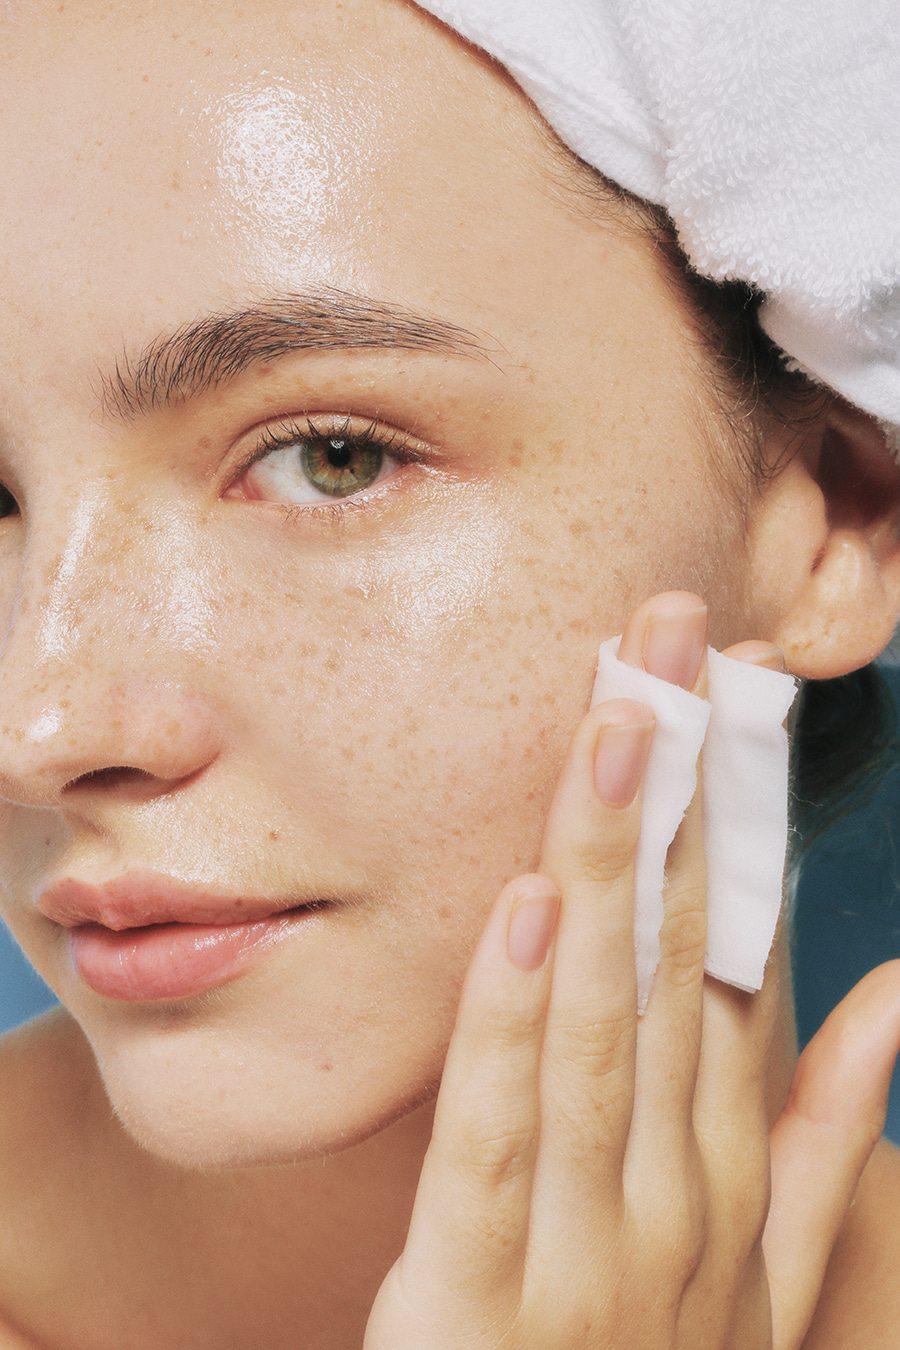 Nếu phạm phải 6 sai lầm này khi tẩy trang, bạn đang tự hủy hoại làn da của chính mình và đẩy nhanh lão hóa - Ảnh 3